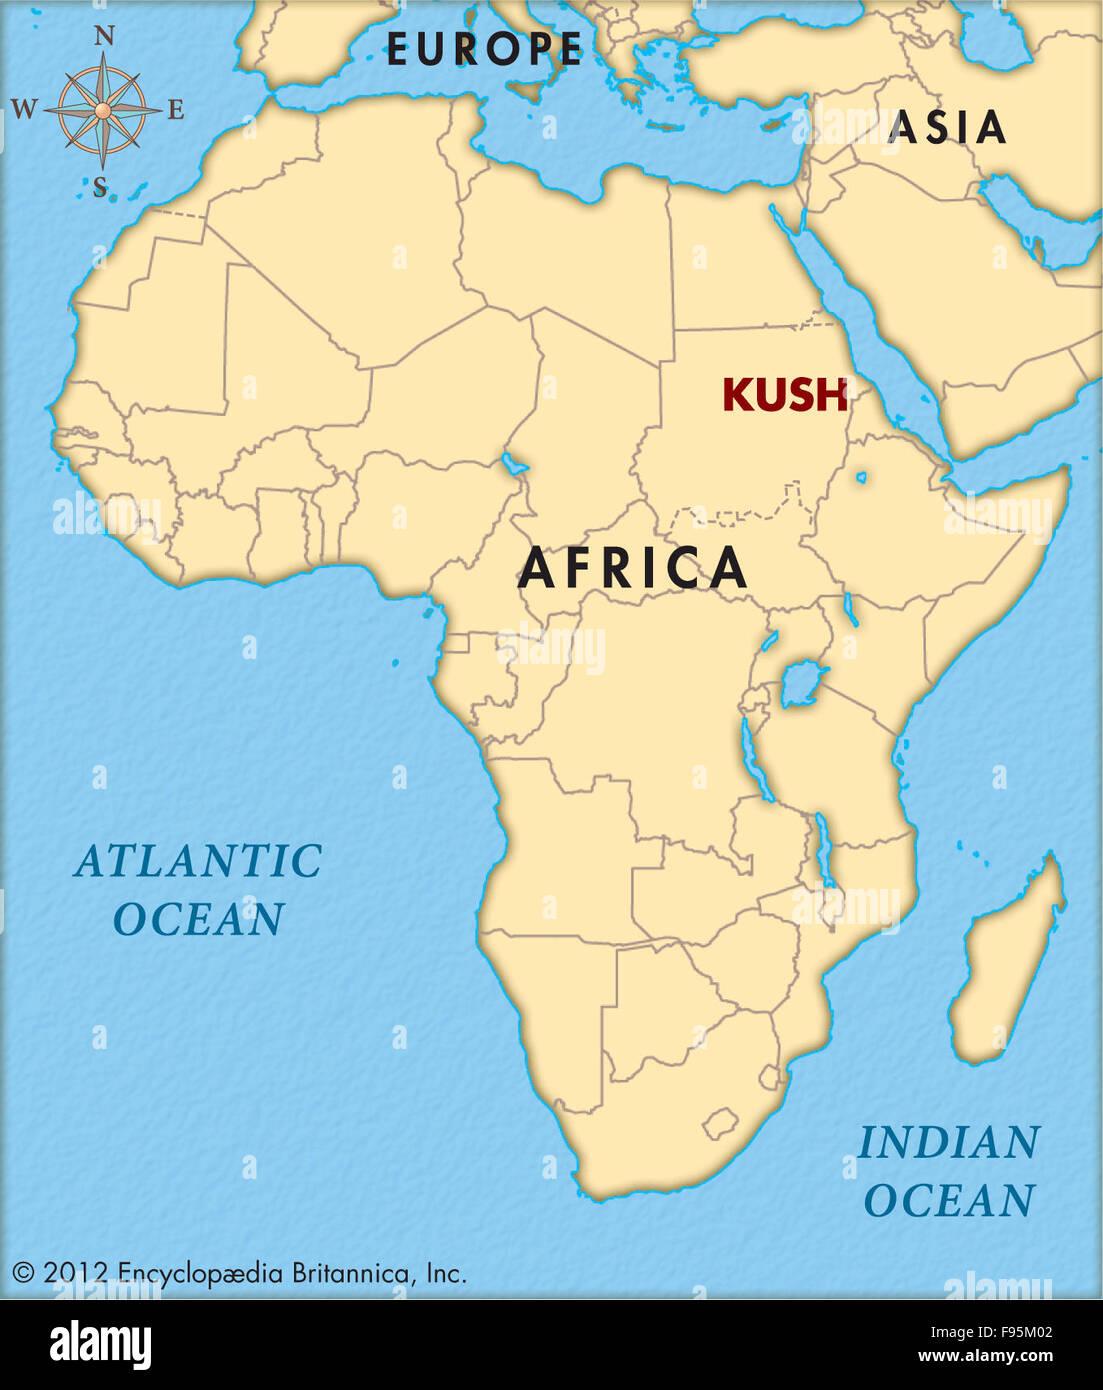 Kush Egypt Stock Photos & Kush Egypt Stock Images - Alamy on rome egypt map, canaan egypt map, egypt nubian desert map, persia egypt map, mesopotamia egypt map, thebes egypt map, upper egypt map, memphis egypt map, tanis egypt map, beautiful egypt map, nubia egypt map, kemet egypt map, cush egypt map, ghana egypt map, akhetaton egypt map, ethiopia egypt map, meroe egypt map, ancient egypt map, purple egypt map, napata egypt map,